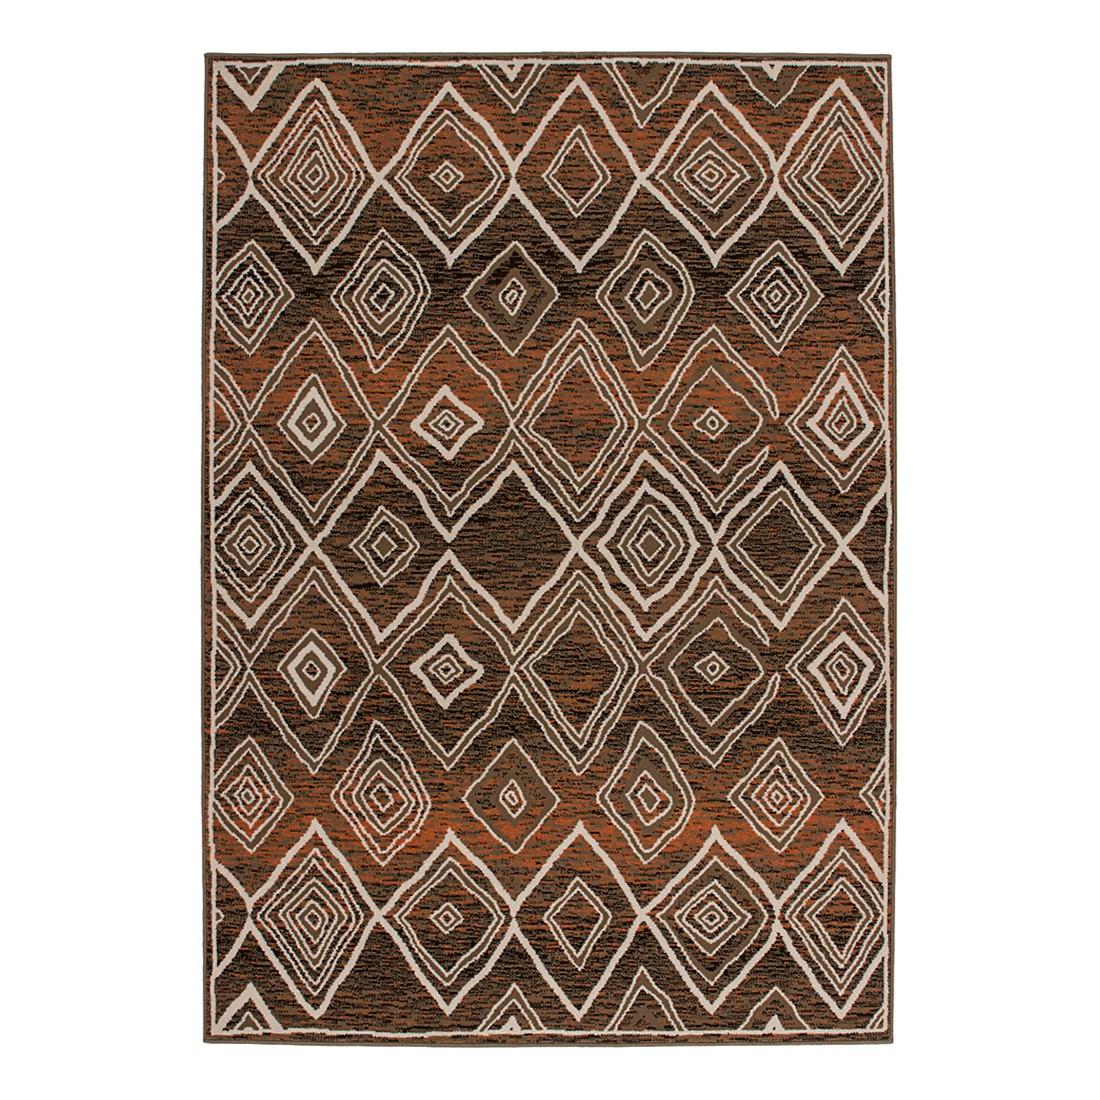 Teppich USA – San Diego – Braun – 60 x 110 cm, Kayoom online bestellen